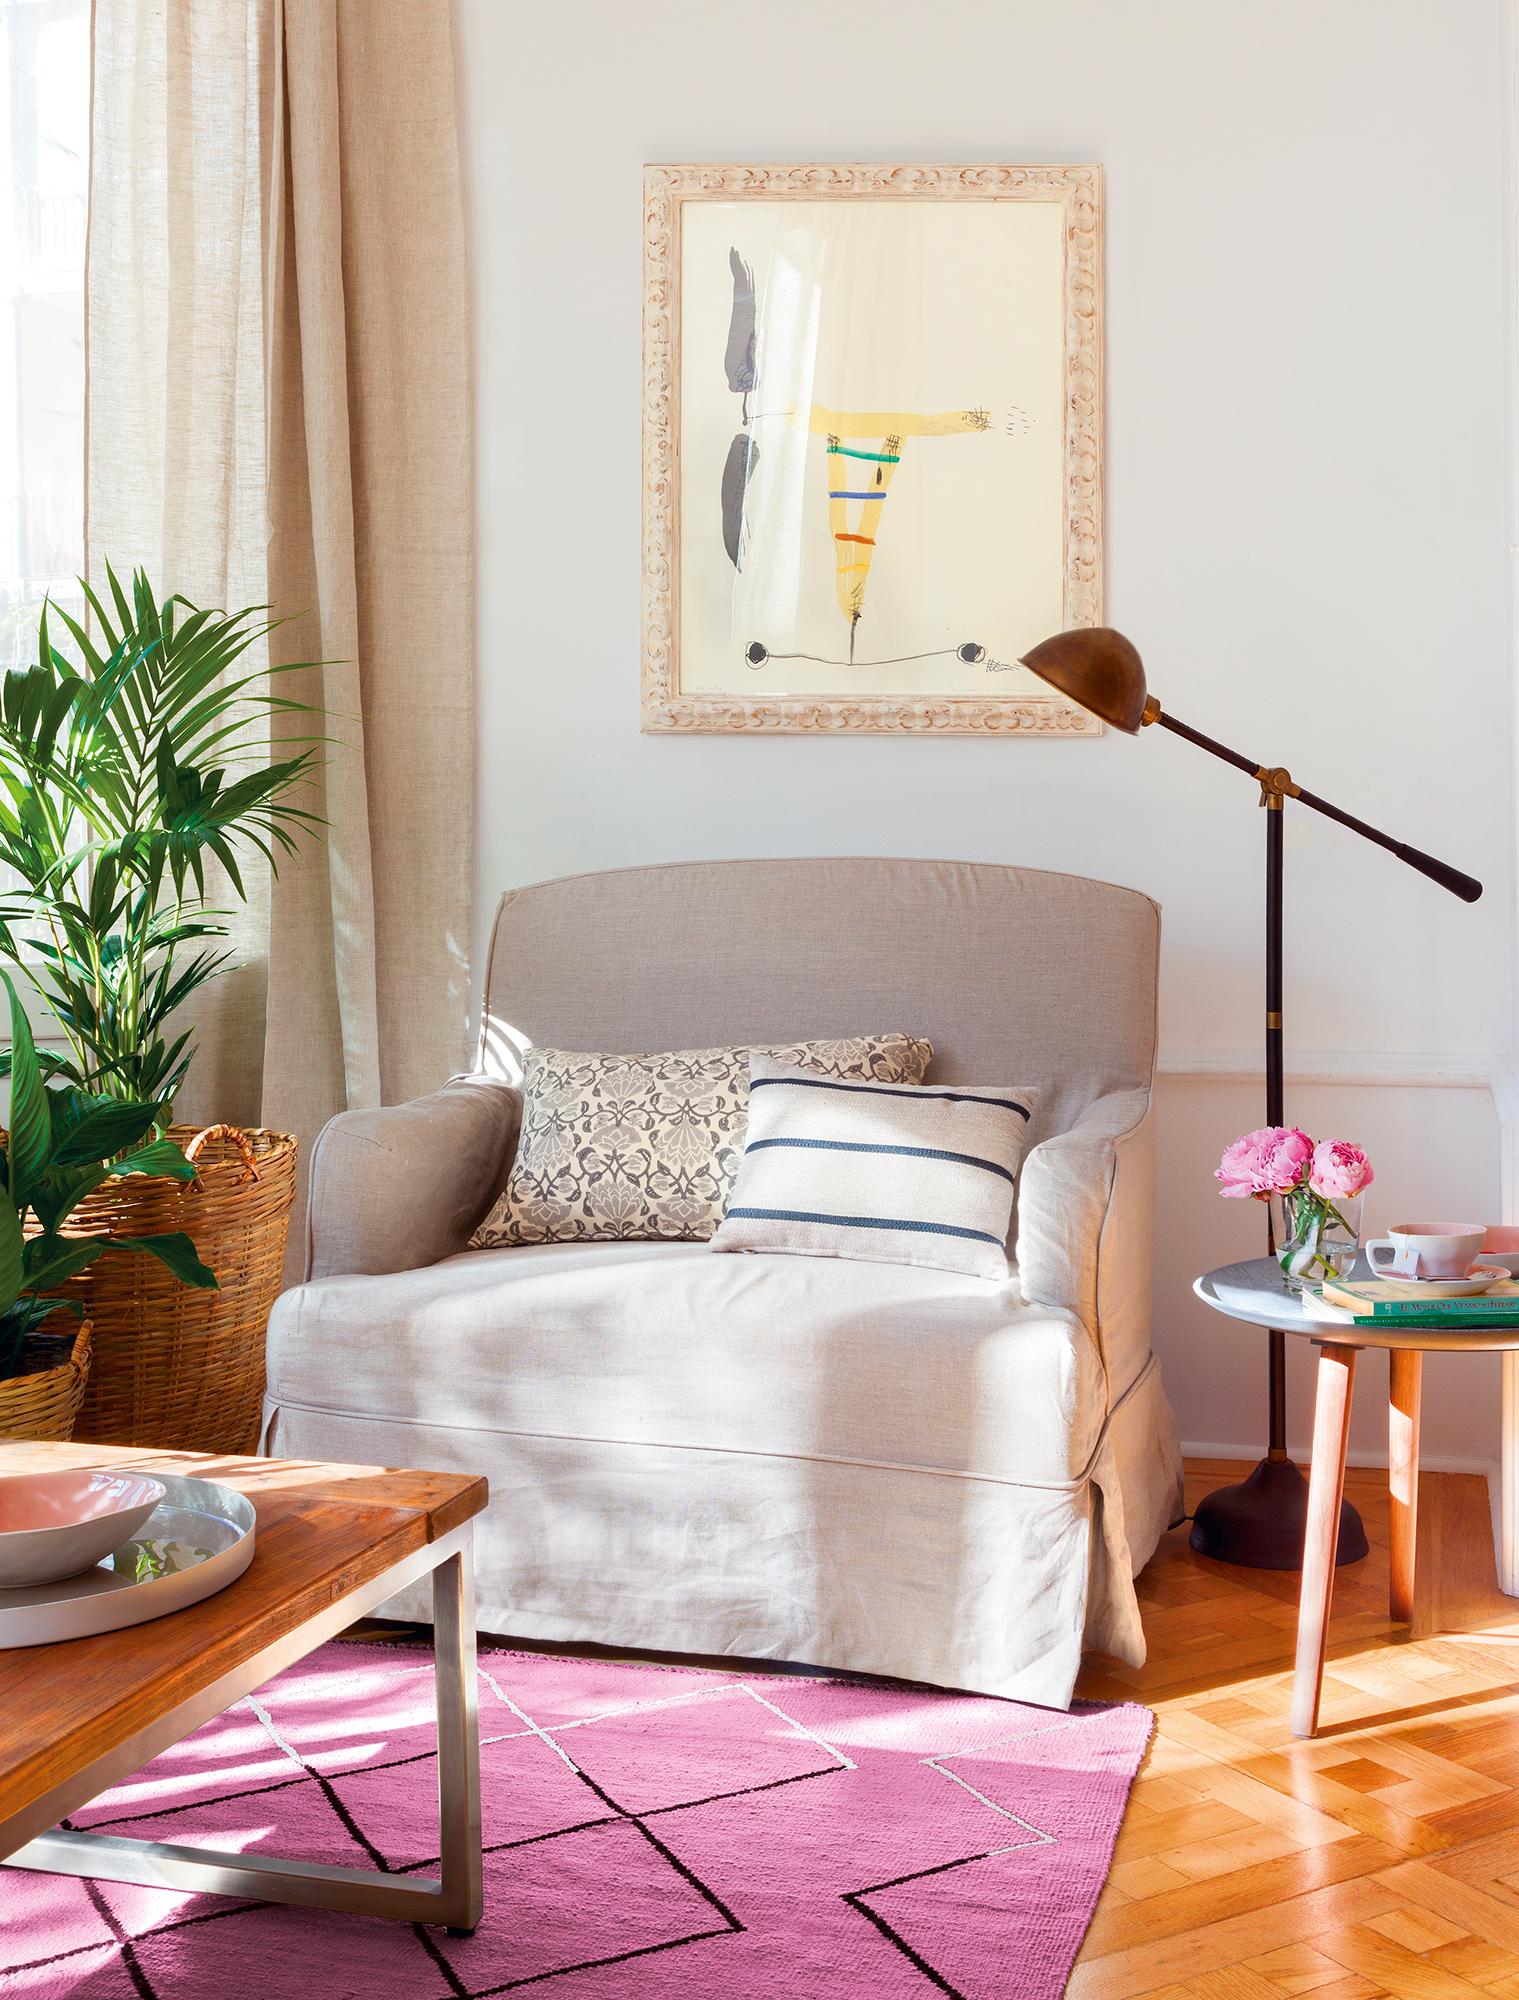 Lámparas de pie: 15 diseños con muy estilo